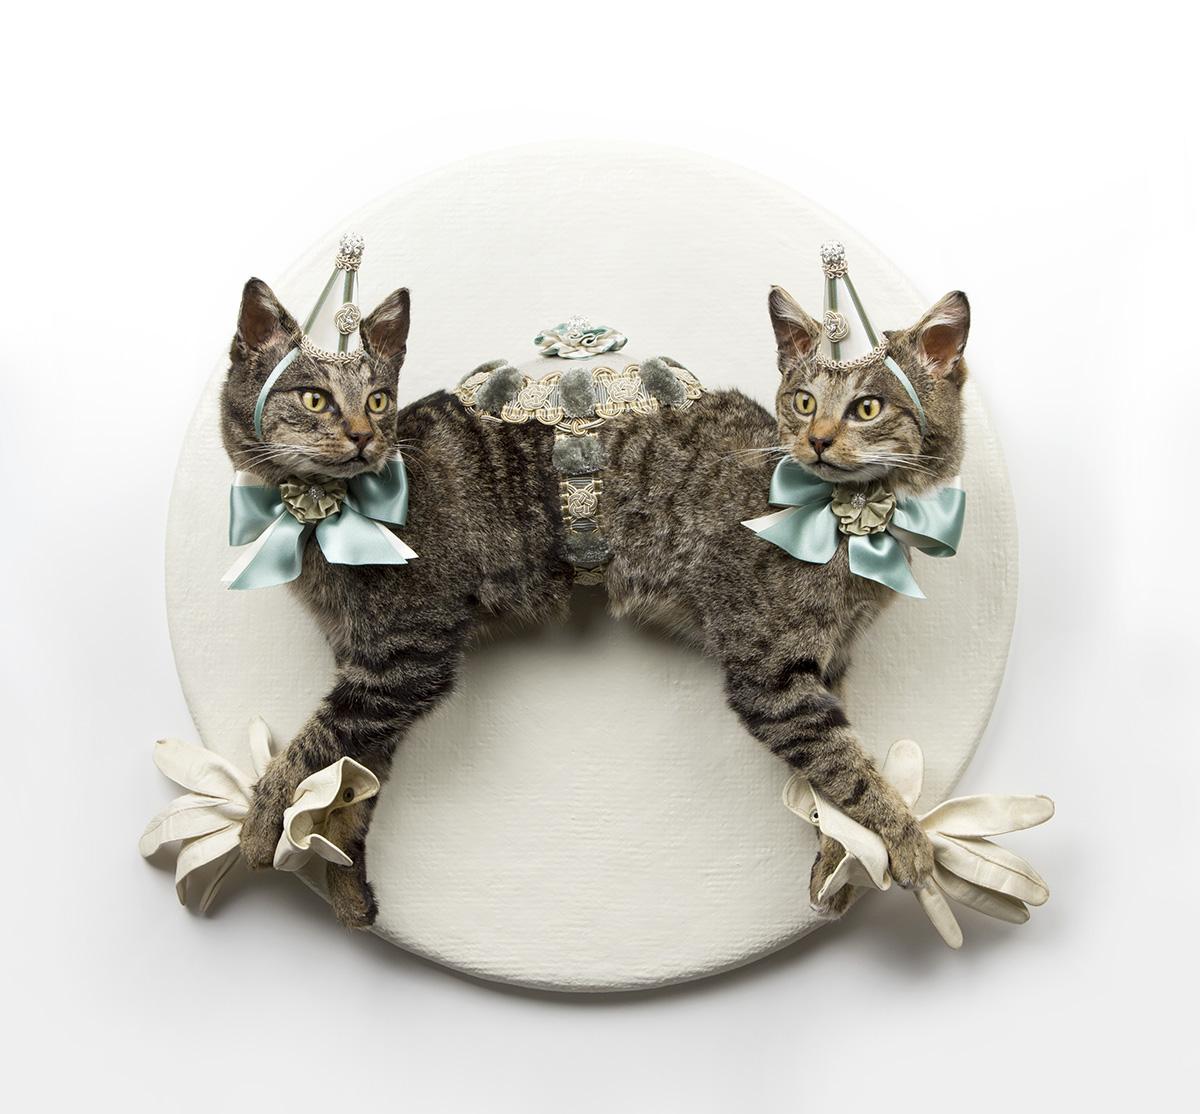 Les-Deux-Garcons-Cats_02.jpg